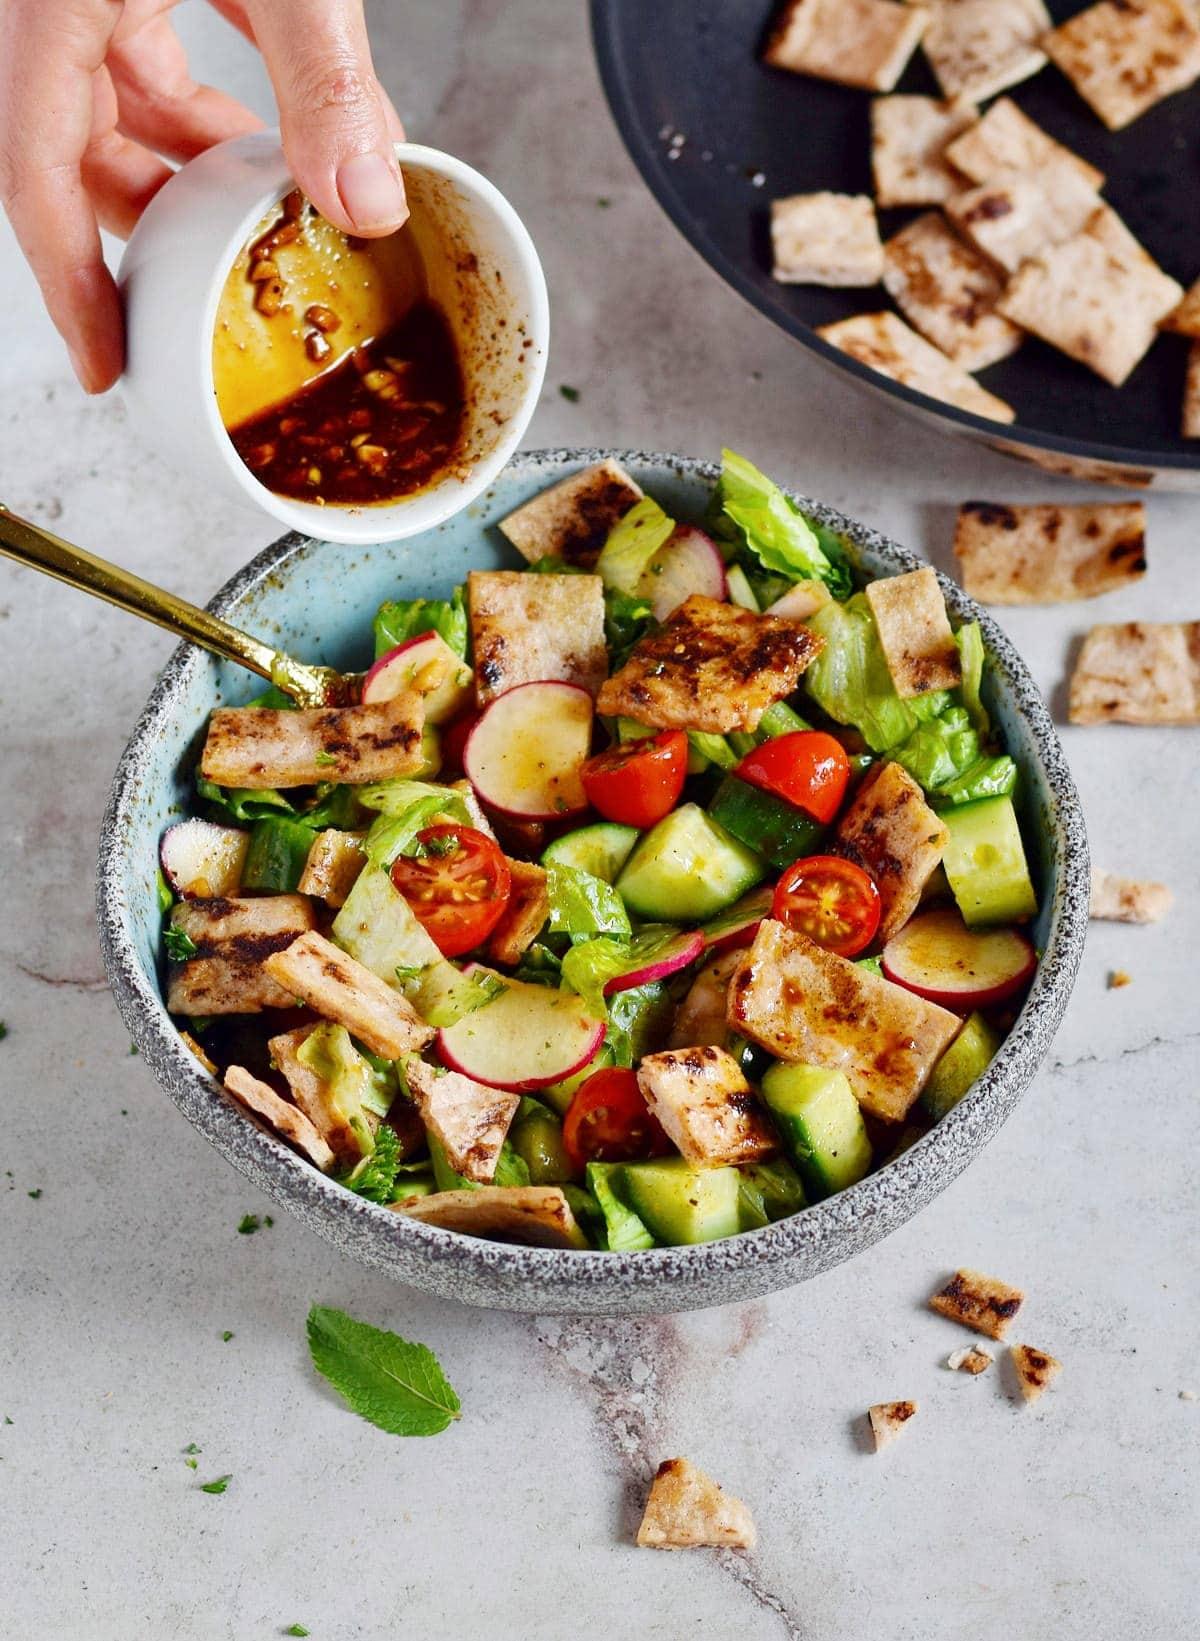 Olivenöl-Dressing wird über Fattoush-Salat gegossen.